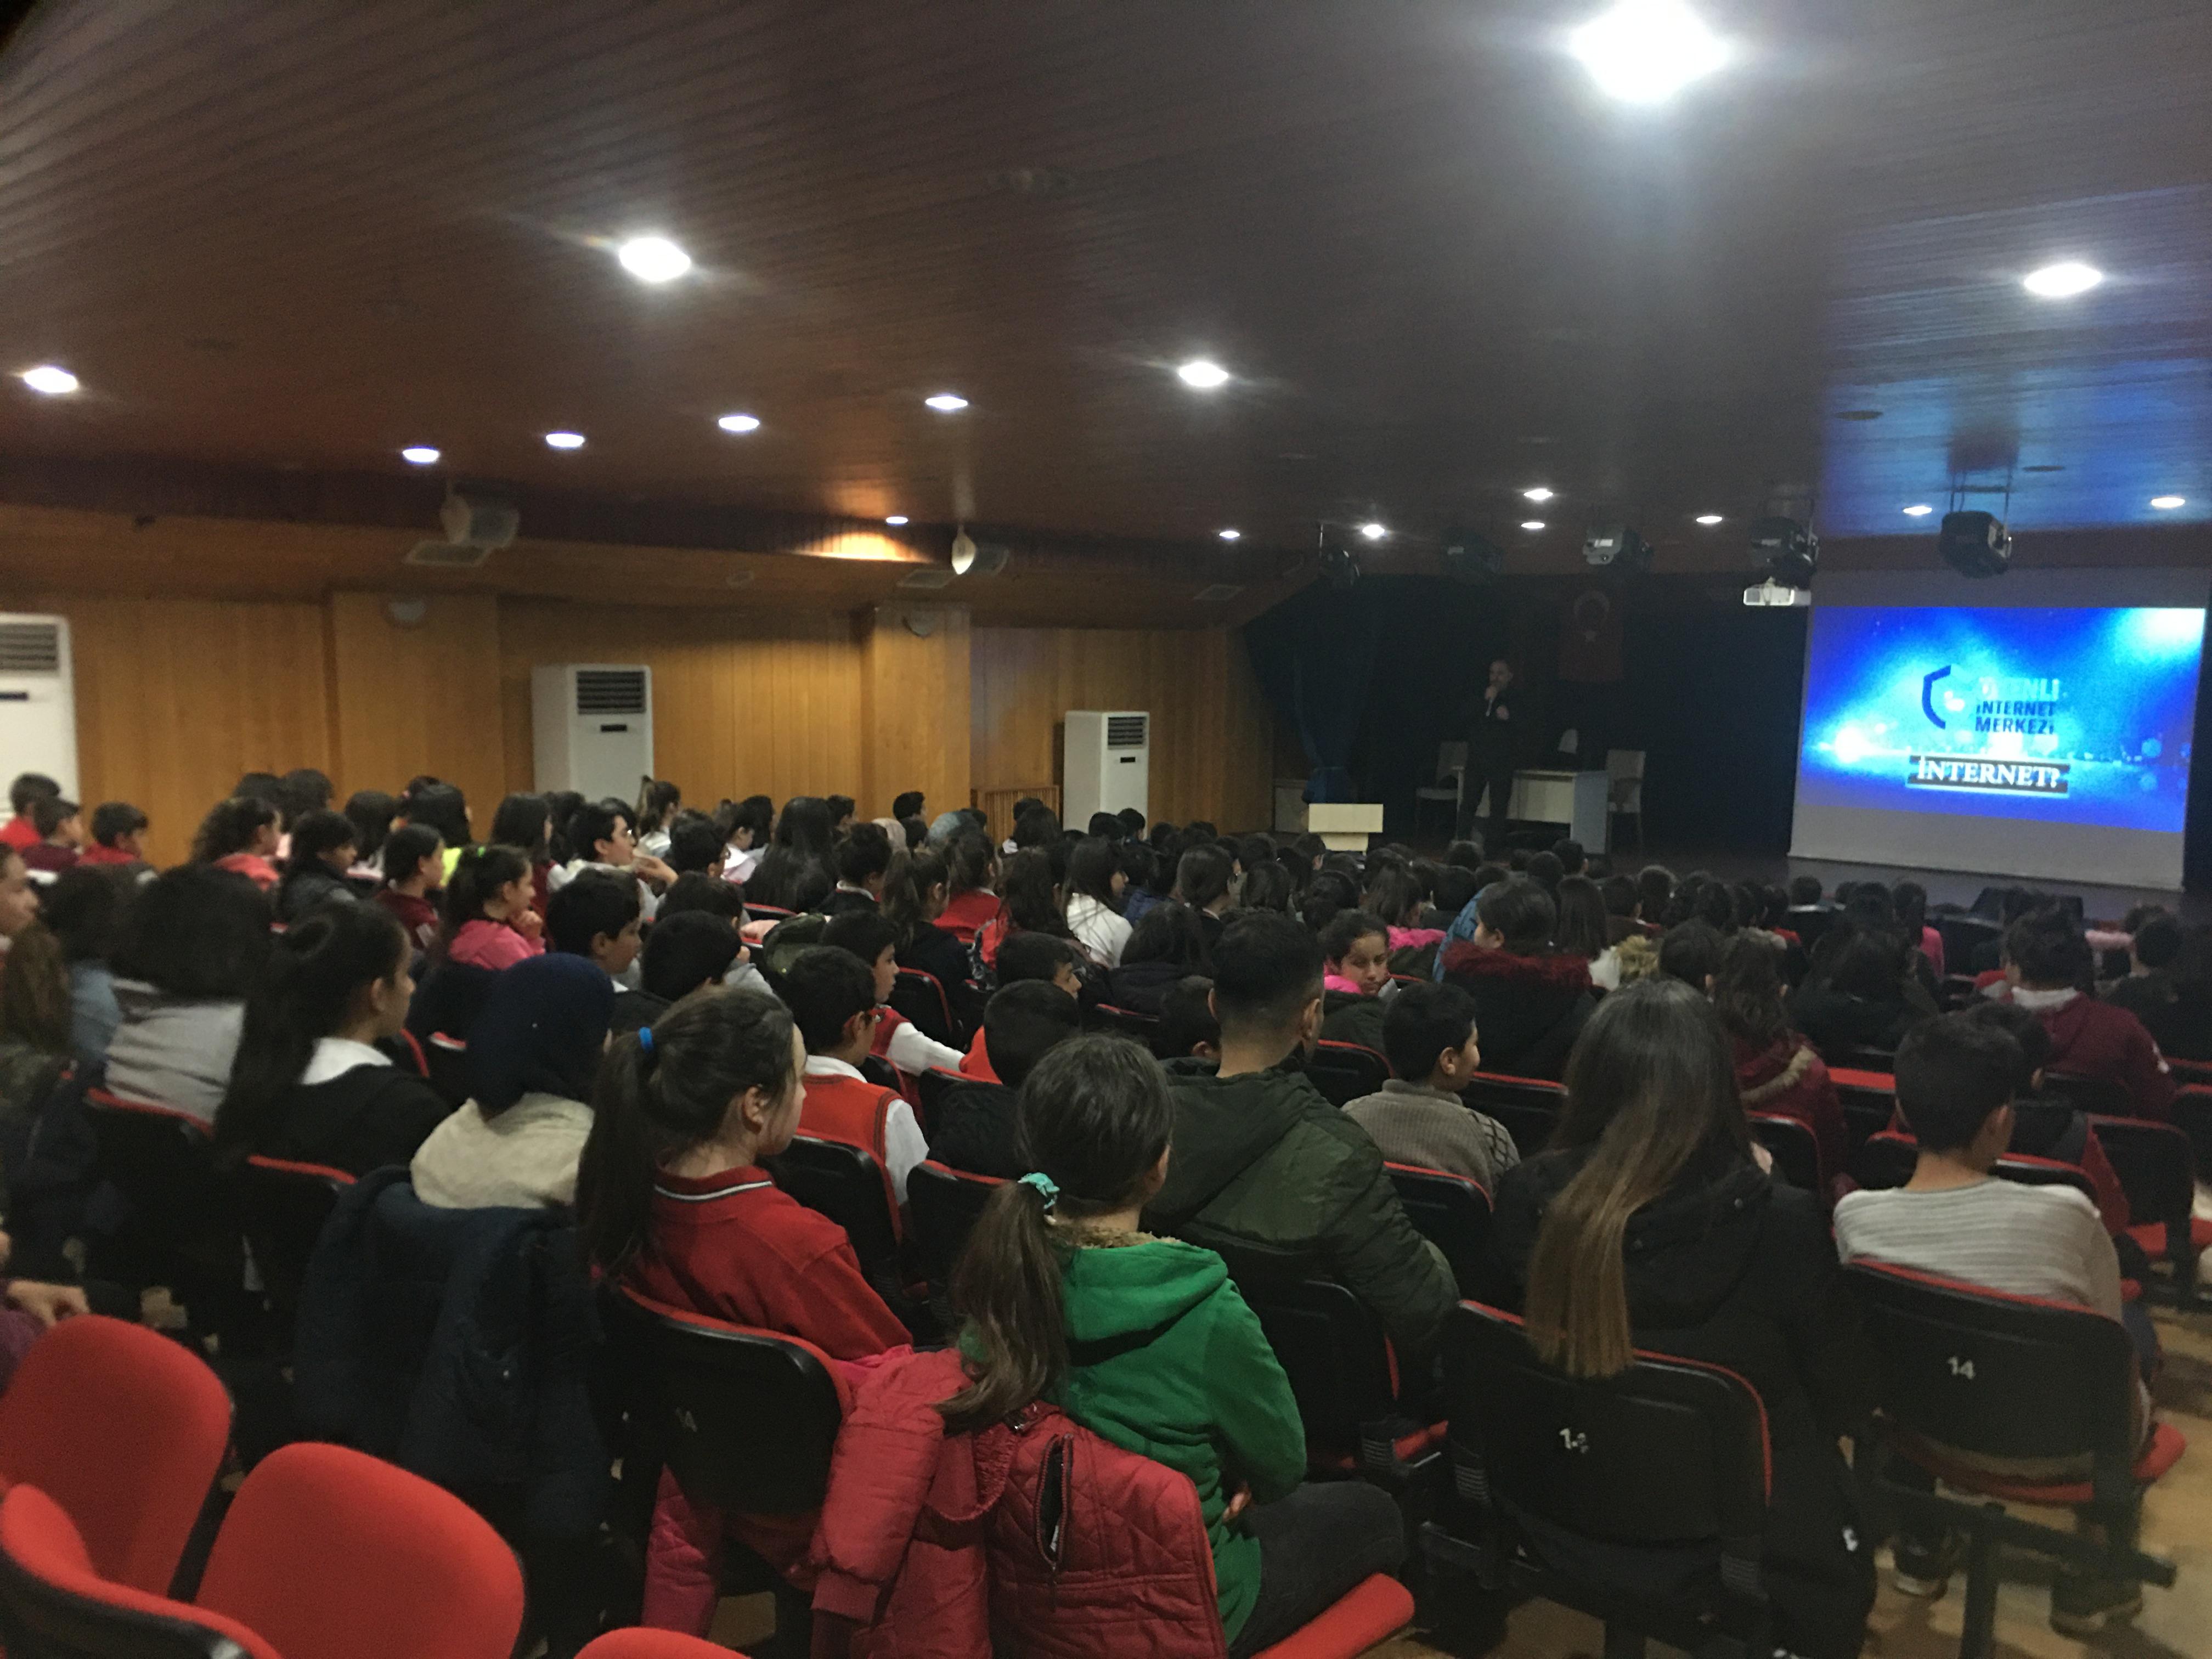 Çorum Sungurlu Milli Eğitim Müdürlüğüne Bağlı Ortaokullara Yönelik, Bilinçli Ve Güvenli İnternet Semineri